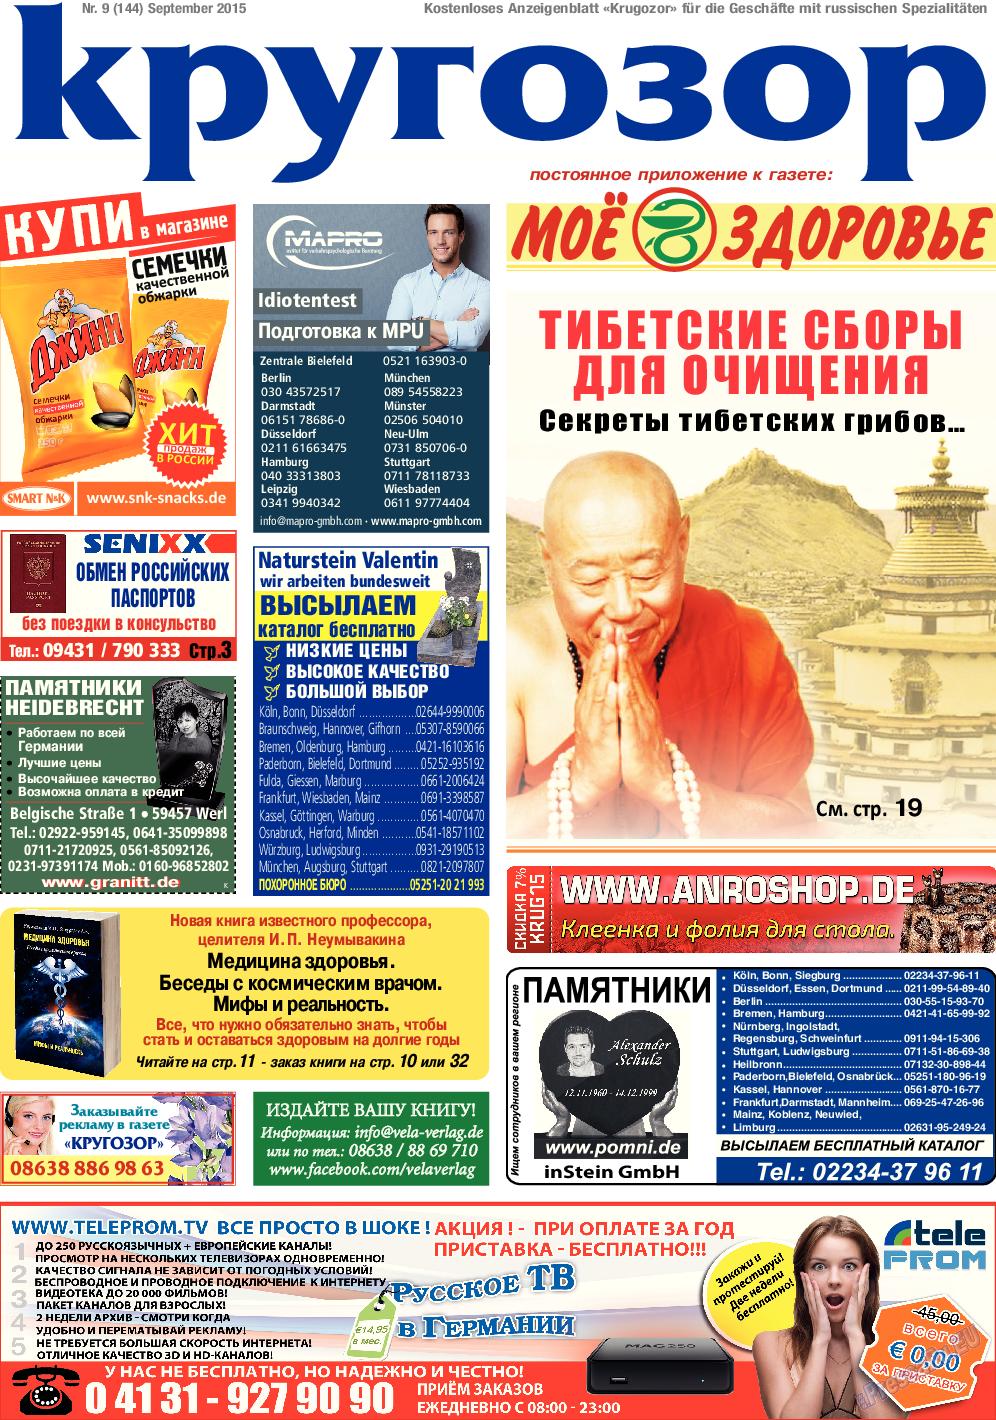 Кругозор (газета). 2015 год, номер 9, стр. 1